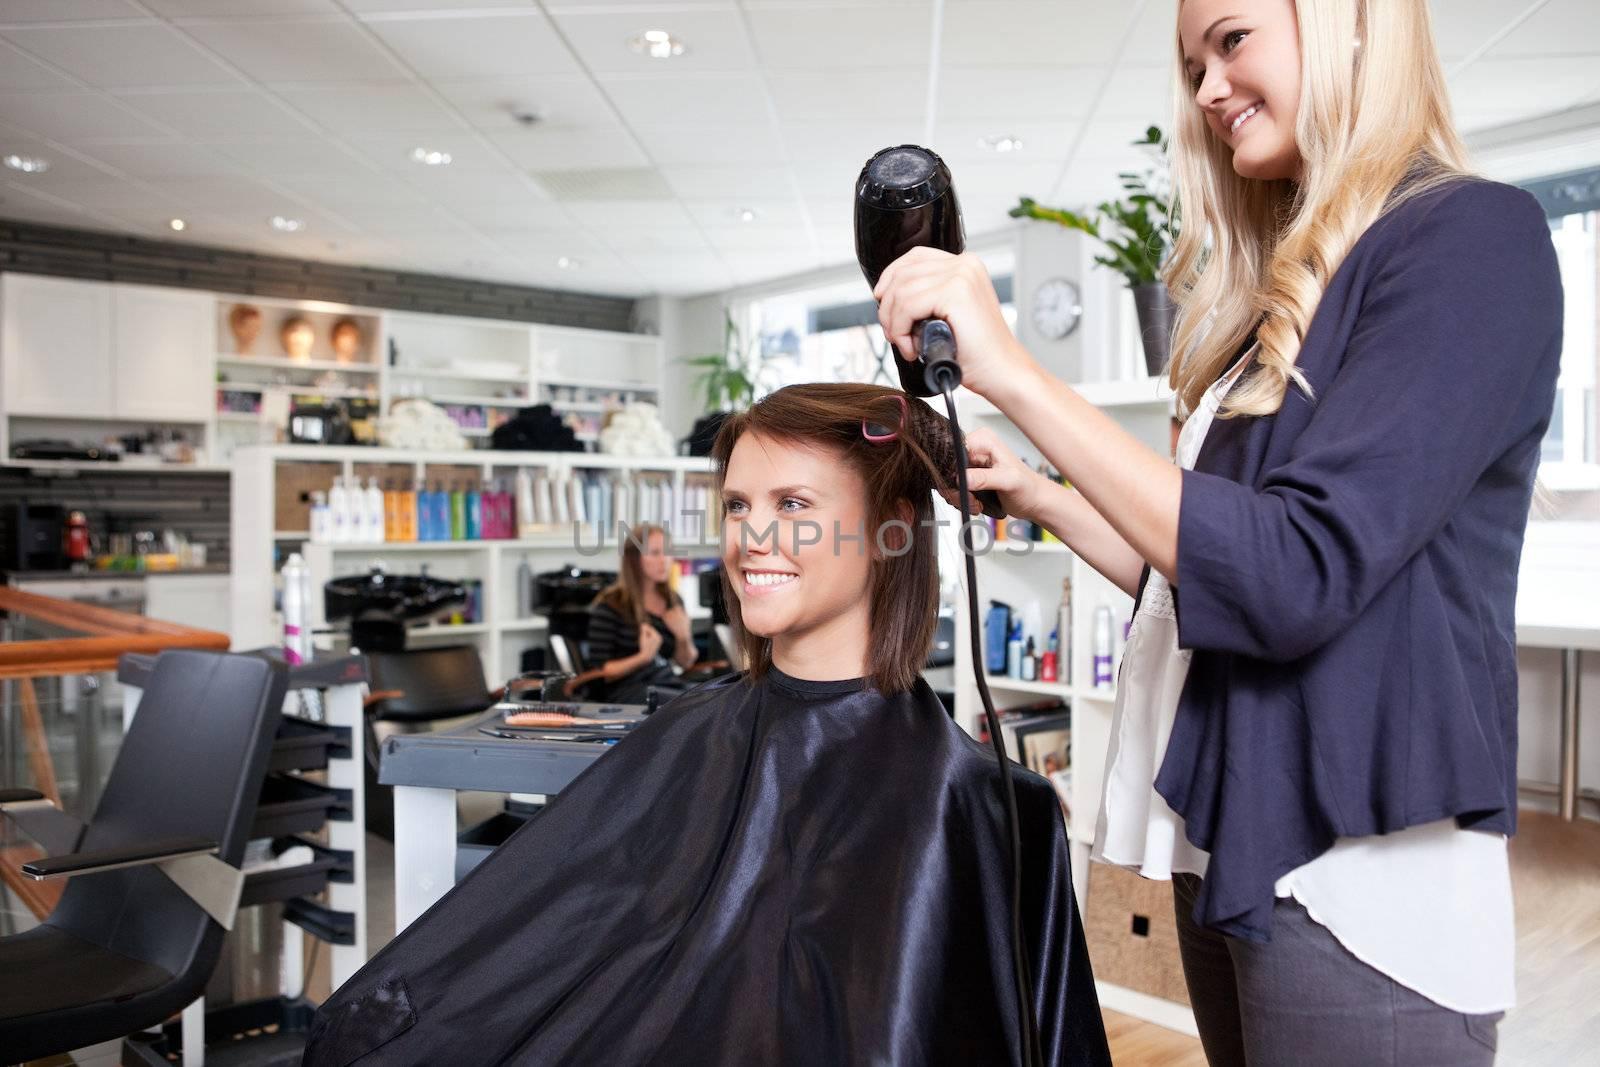 Hairdresser drying female customer's hair in beauty salon